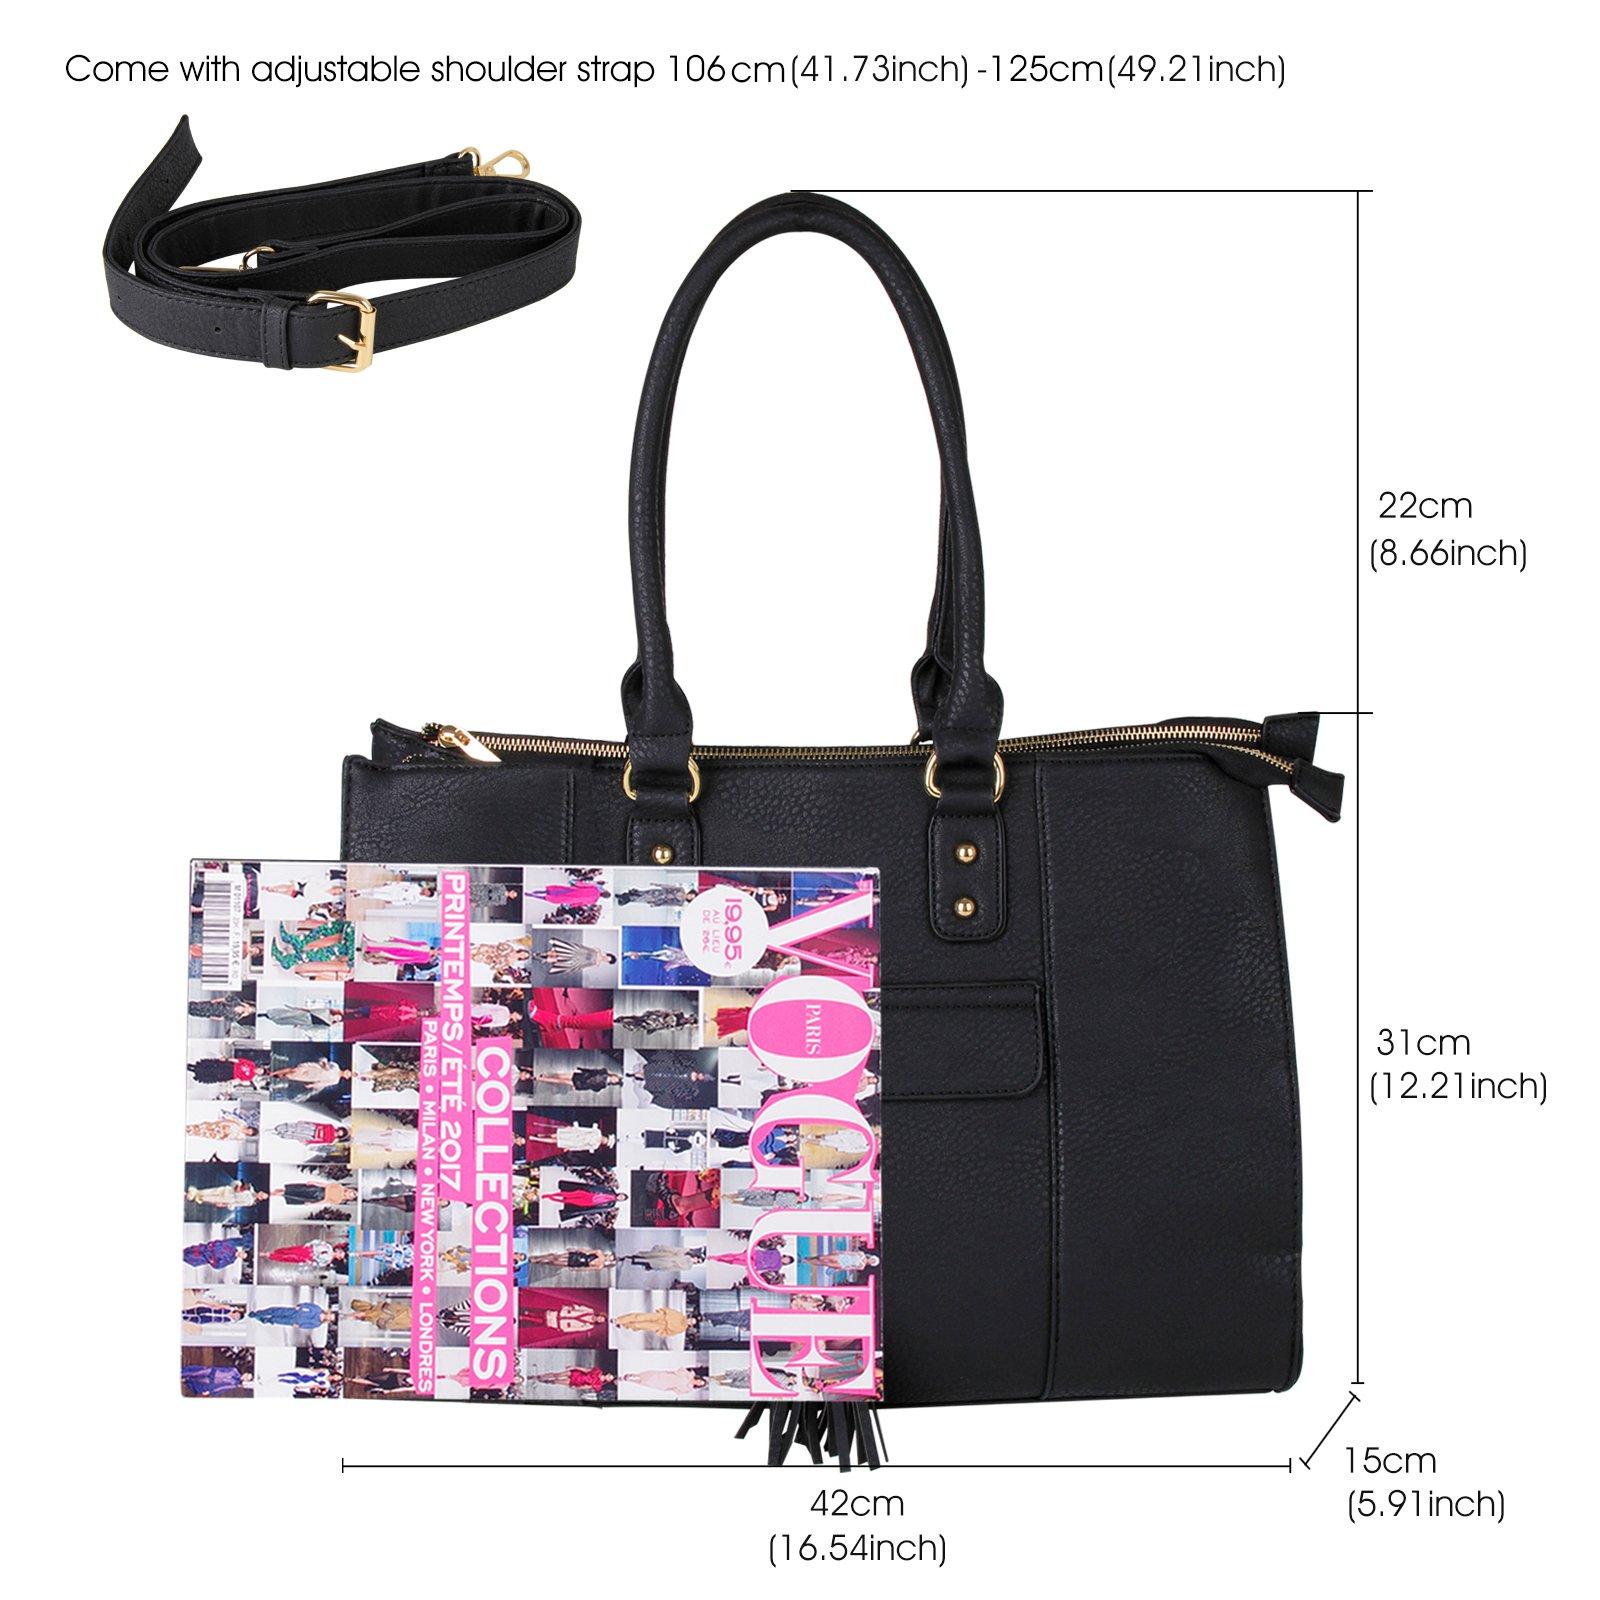 Eva & Evan 2018 New Women Satchel Handbags Shoulder Bag with Tassels Top Handle Large PU Leather Adjustable Strap Black by BAYTTER (Image #7)